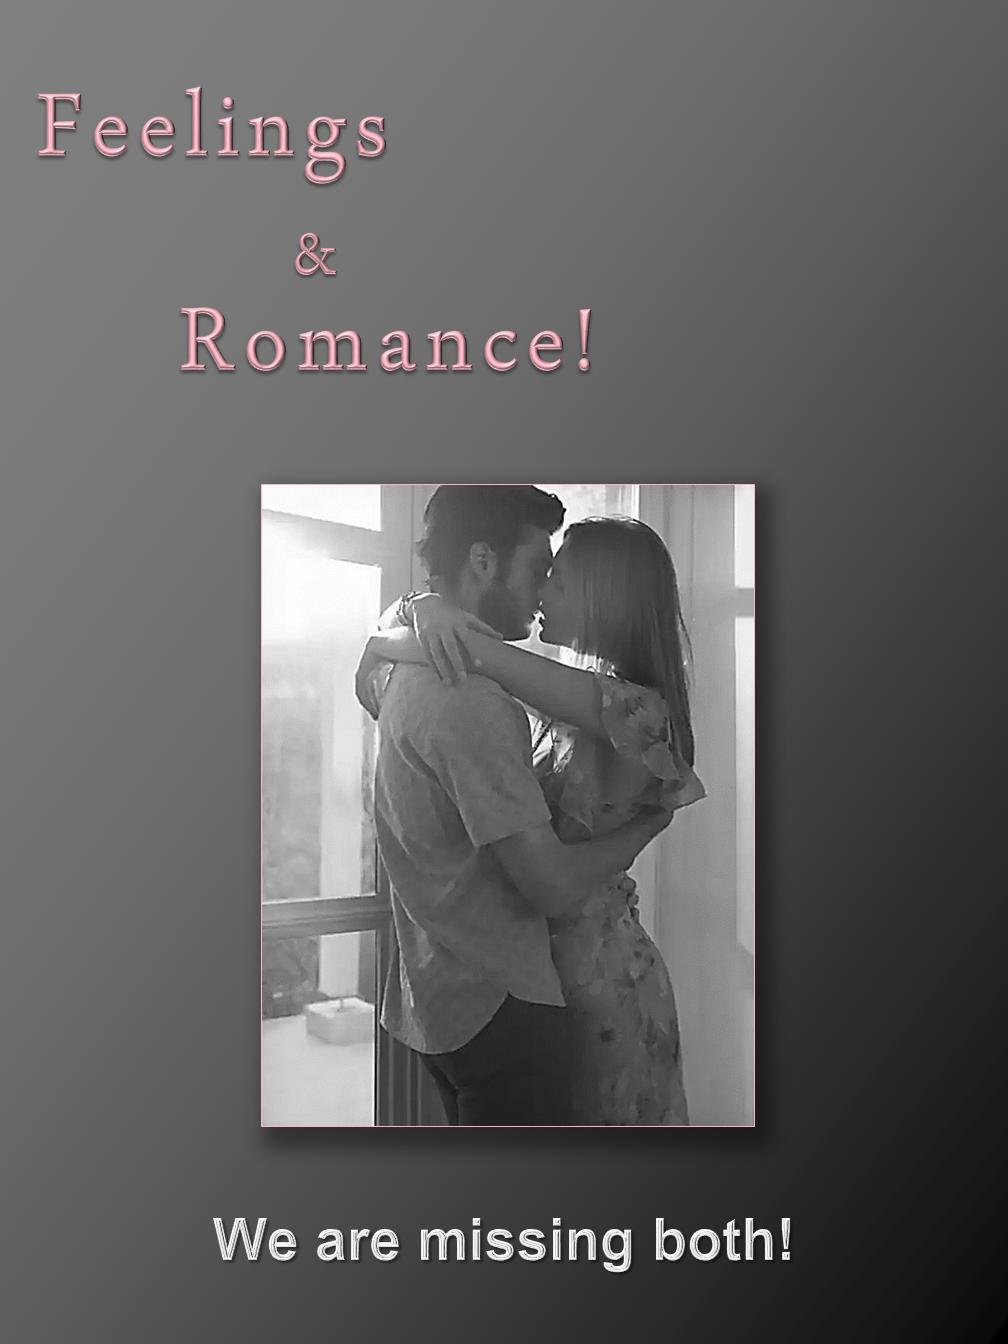 Feelings&Romance